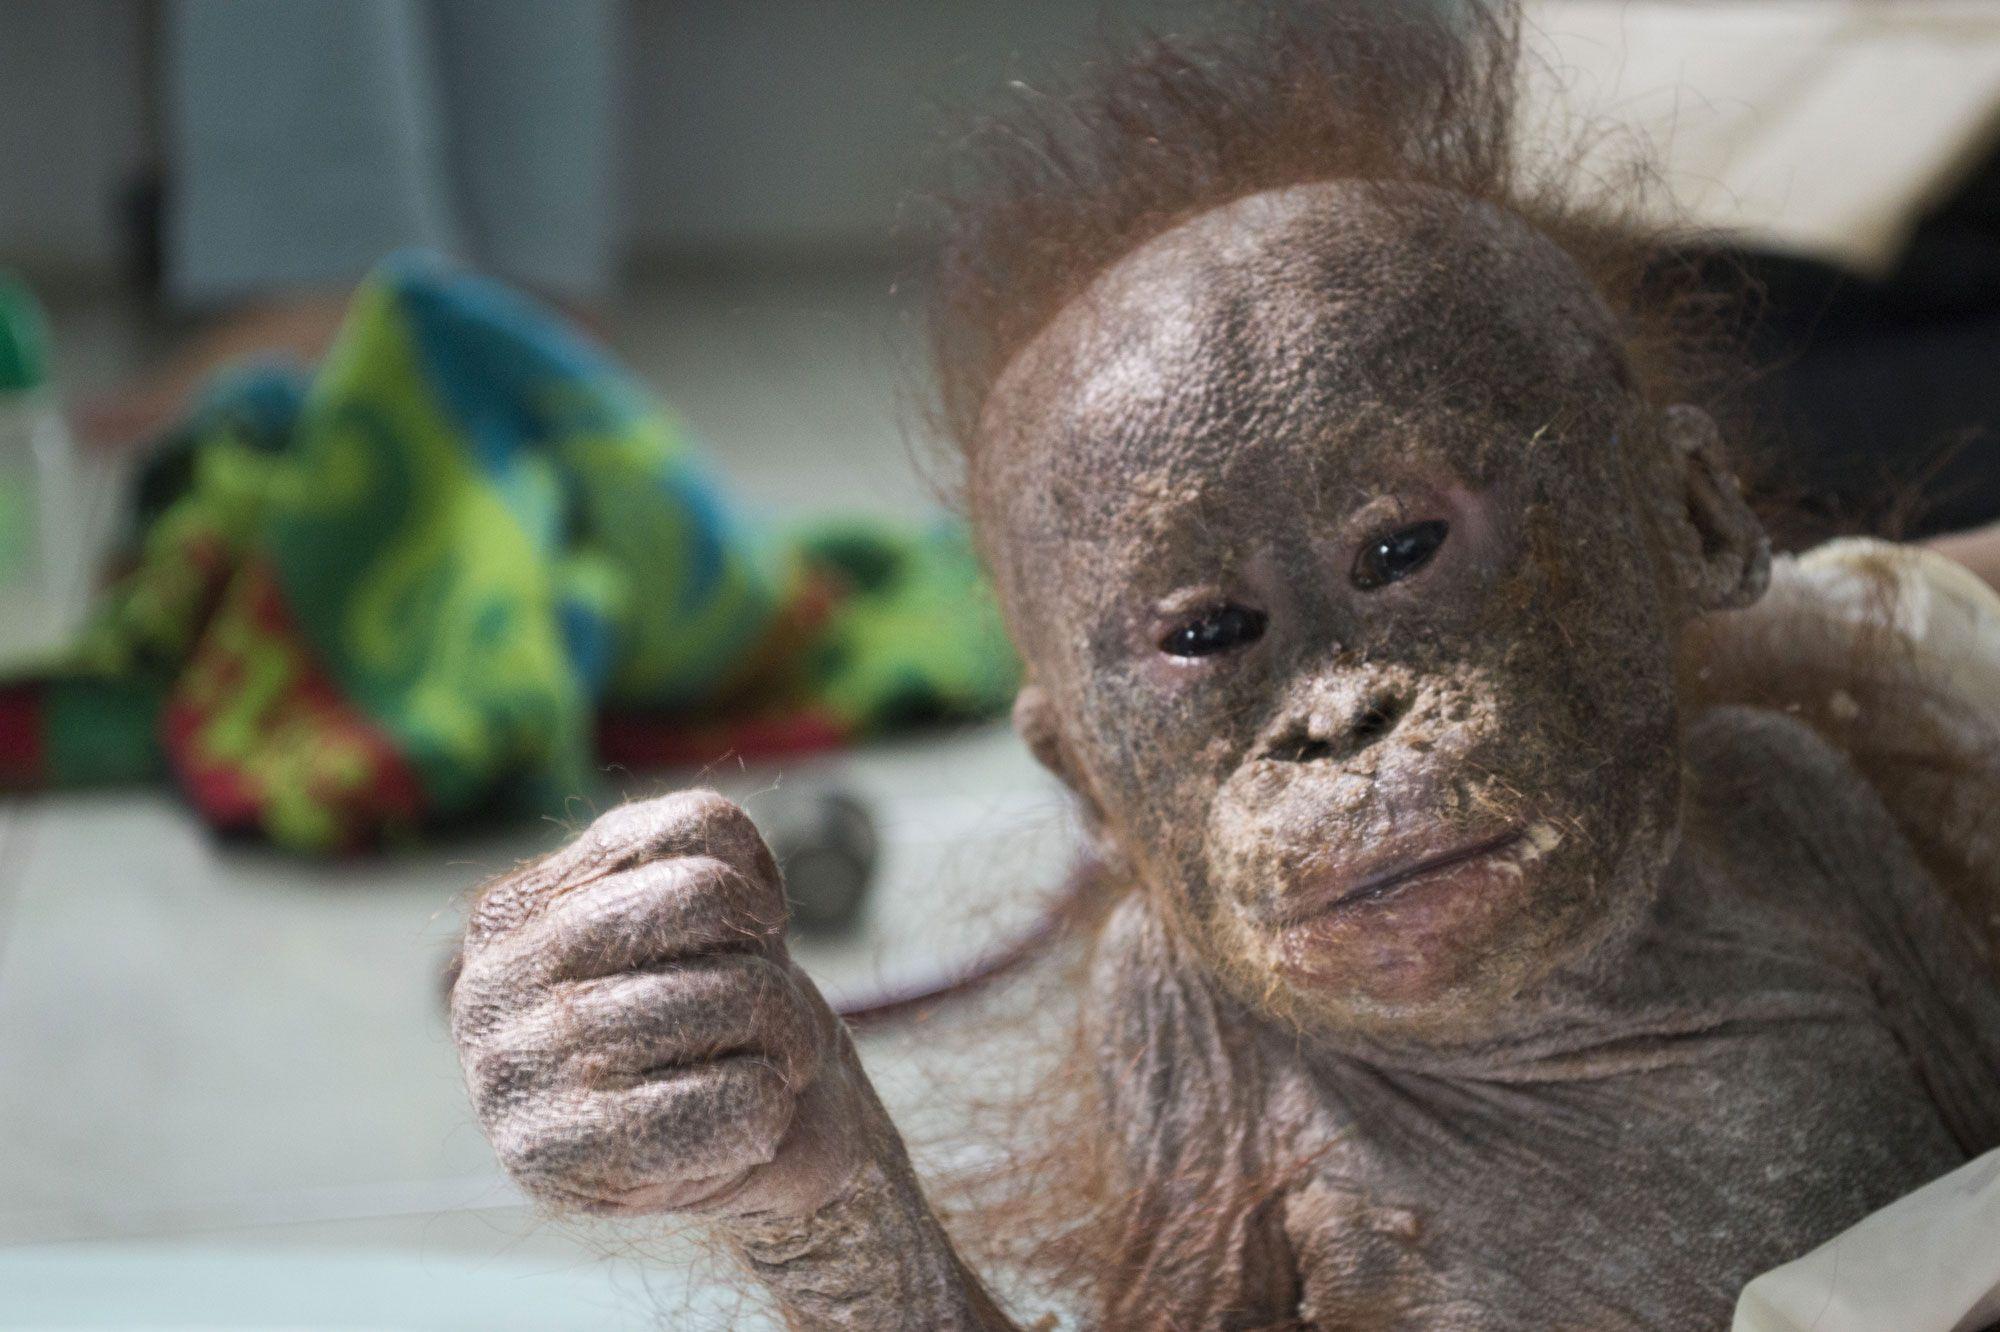 <p>Orang-outan sauvé à Bornéo</p>Laissé pour mort dans un carton, Gito s'accroche à la vie